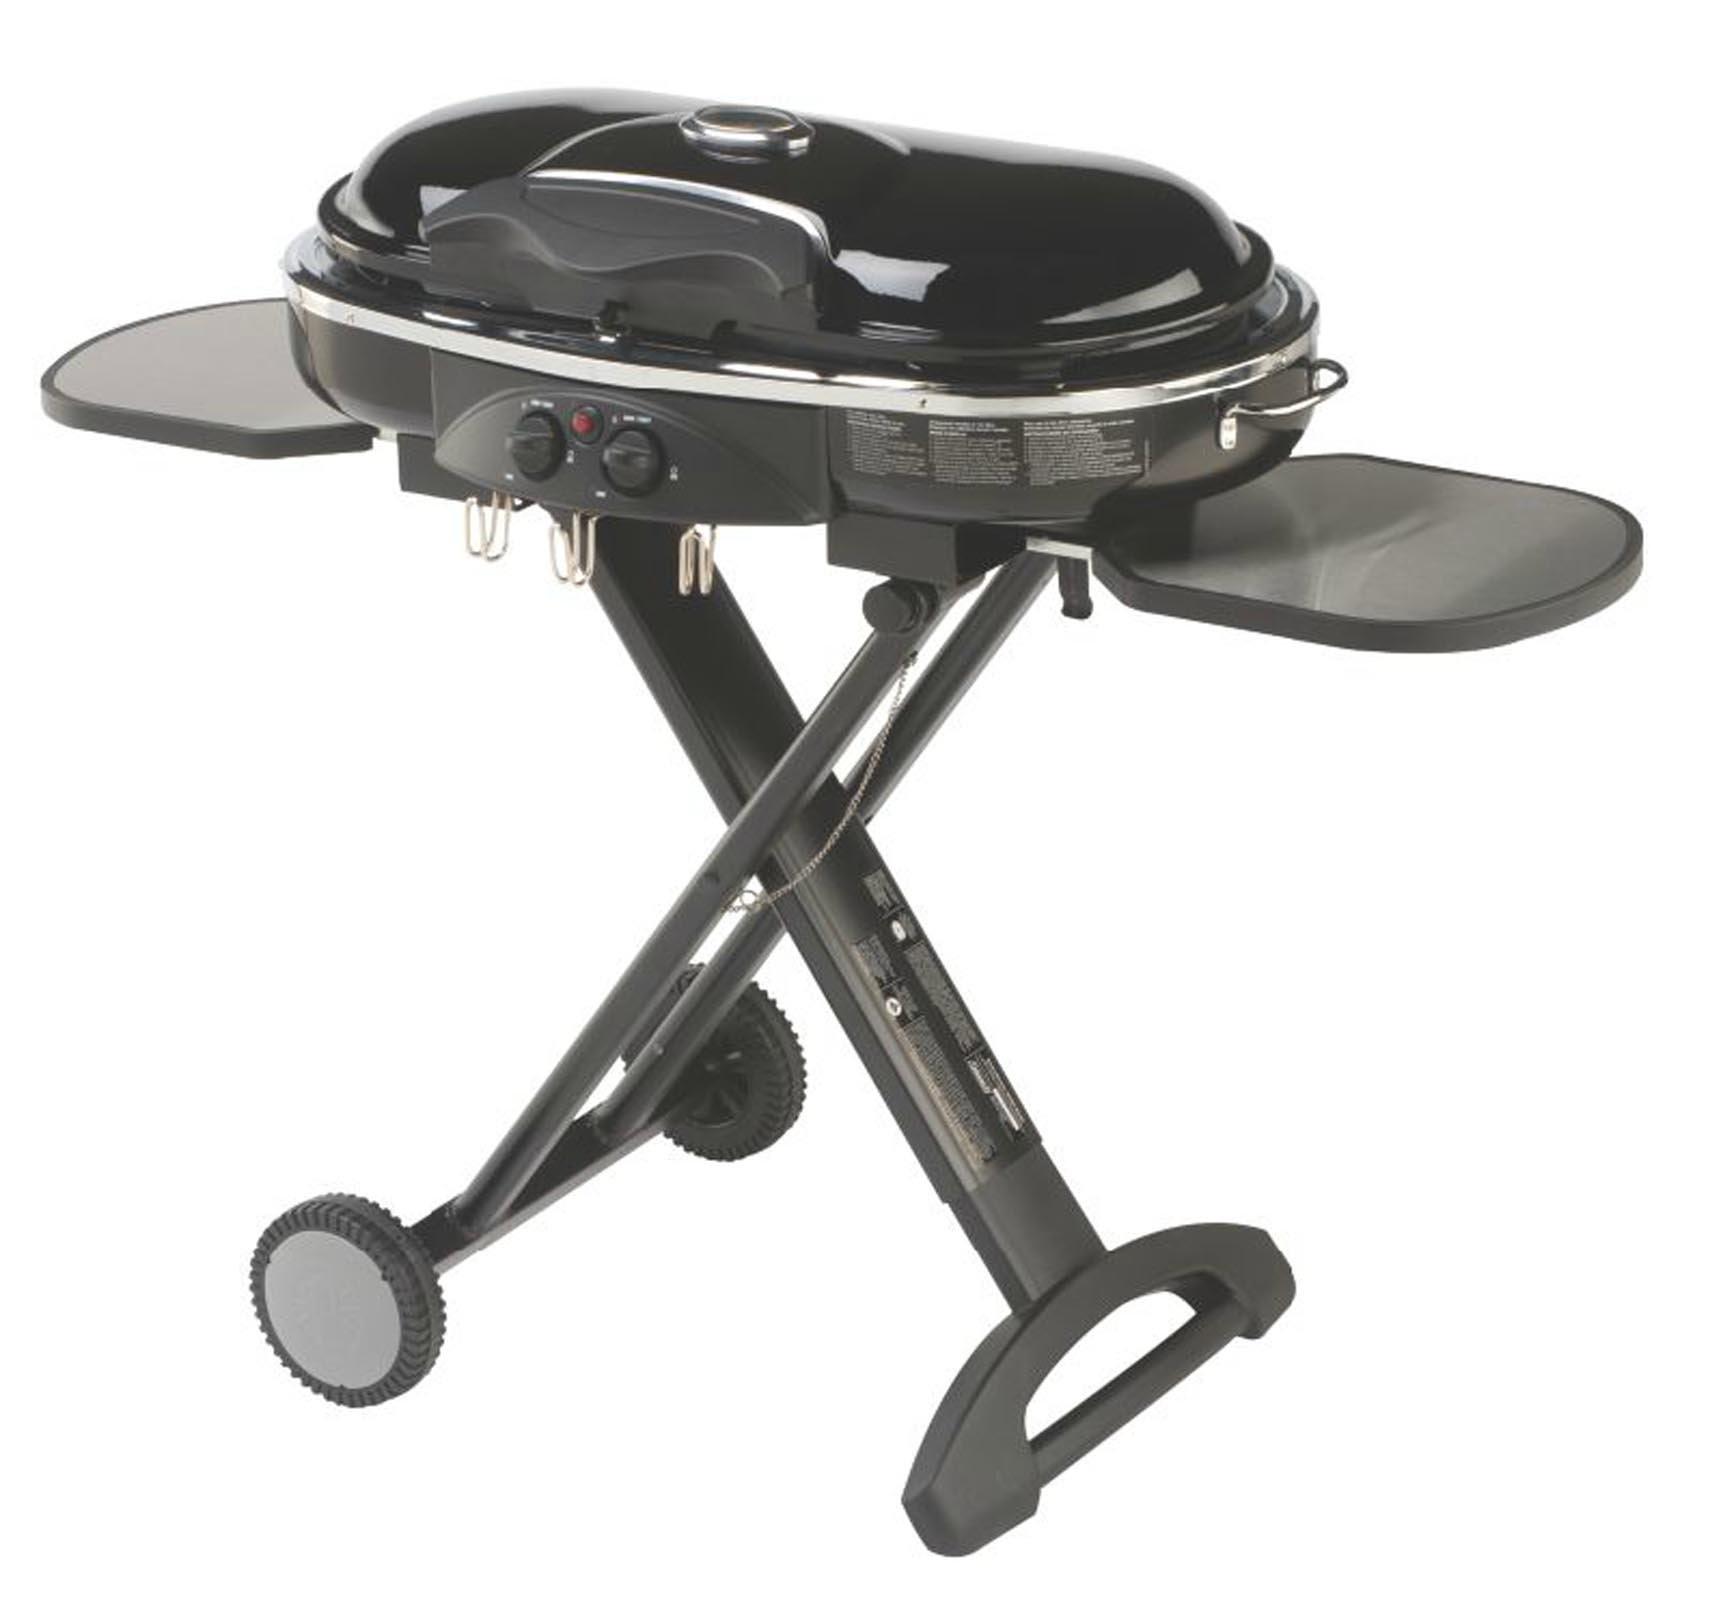 Coleman RoadTrip Portable Propane Grill